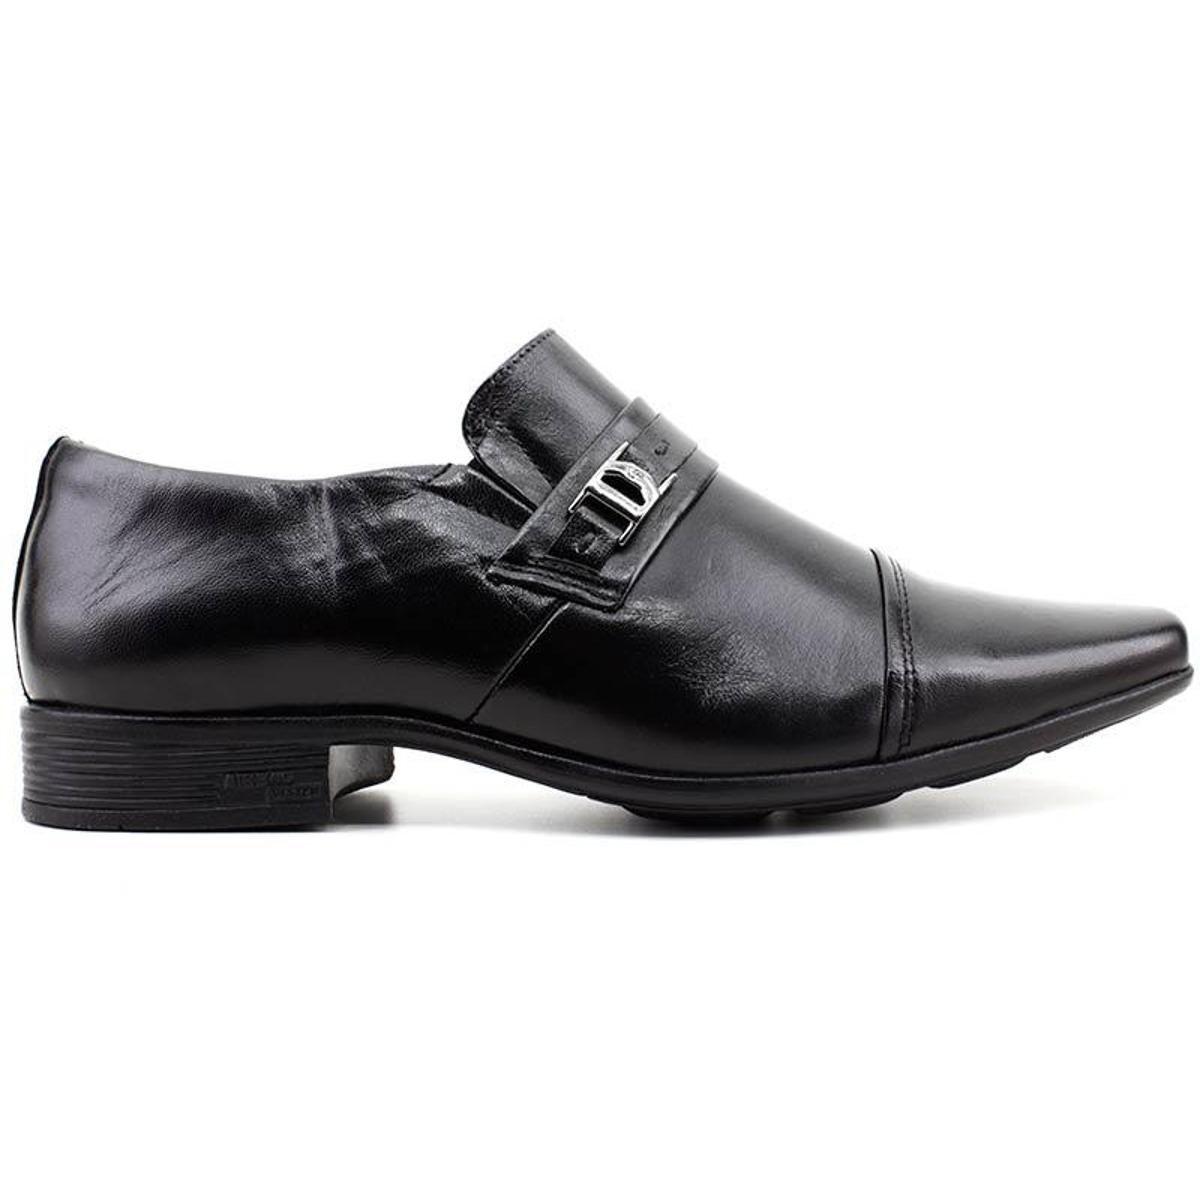 Sapato Social Couro JotaPe Masculino - Preto